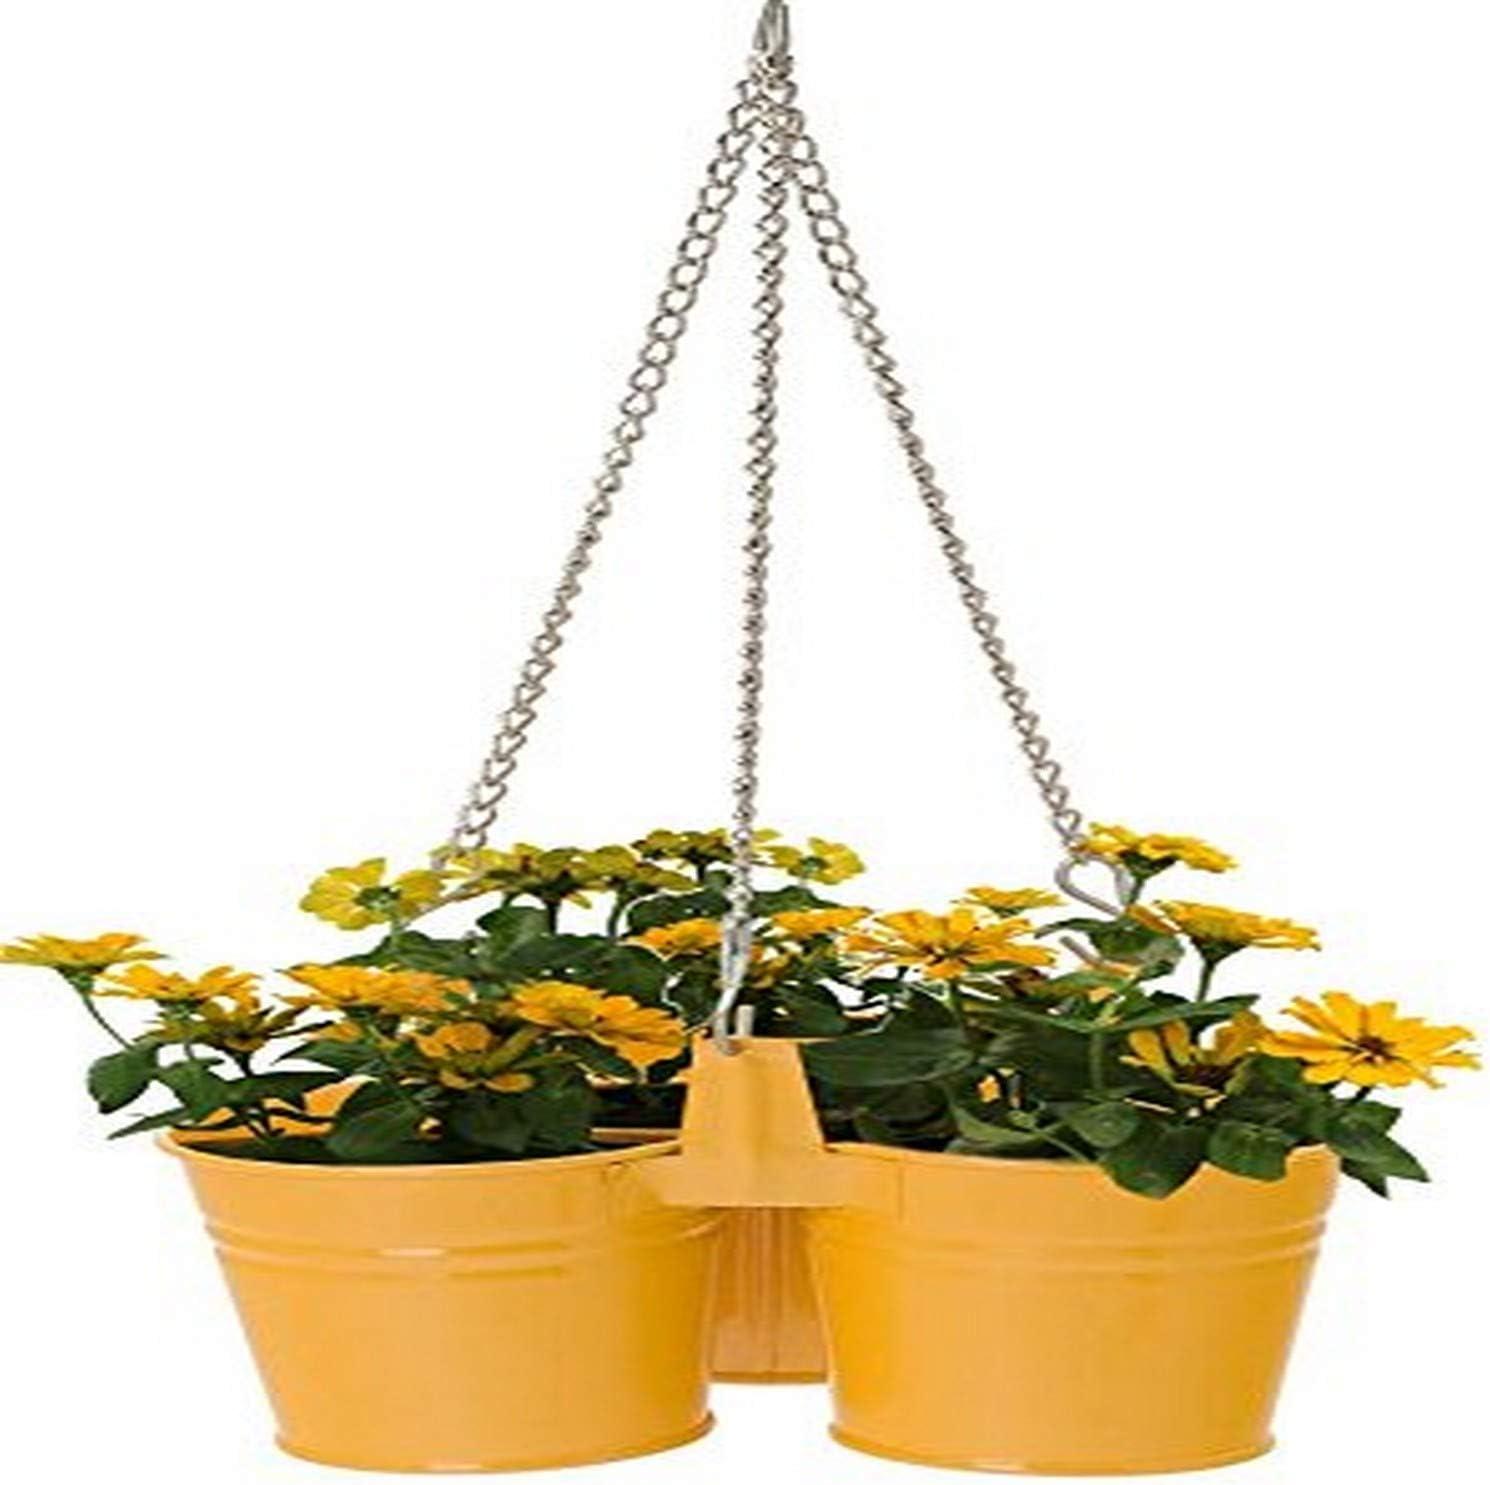 HiT 8117E SAFF Cheap Max 40% OFF bargain Metal Triple Hanging Planter Saffron